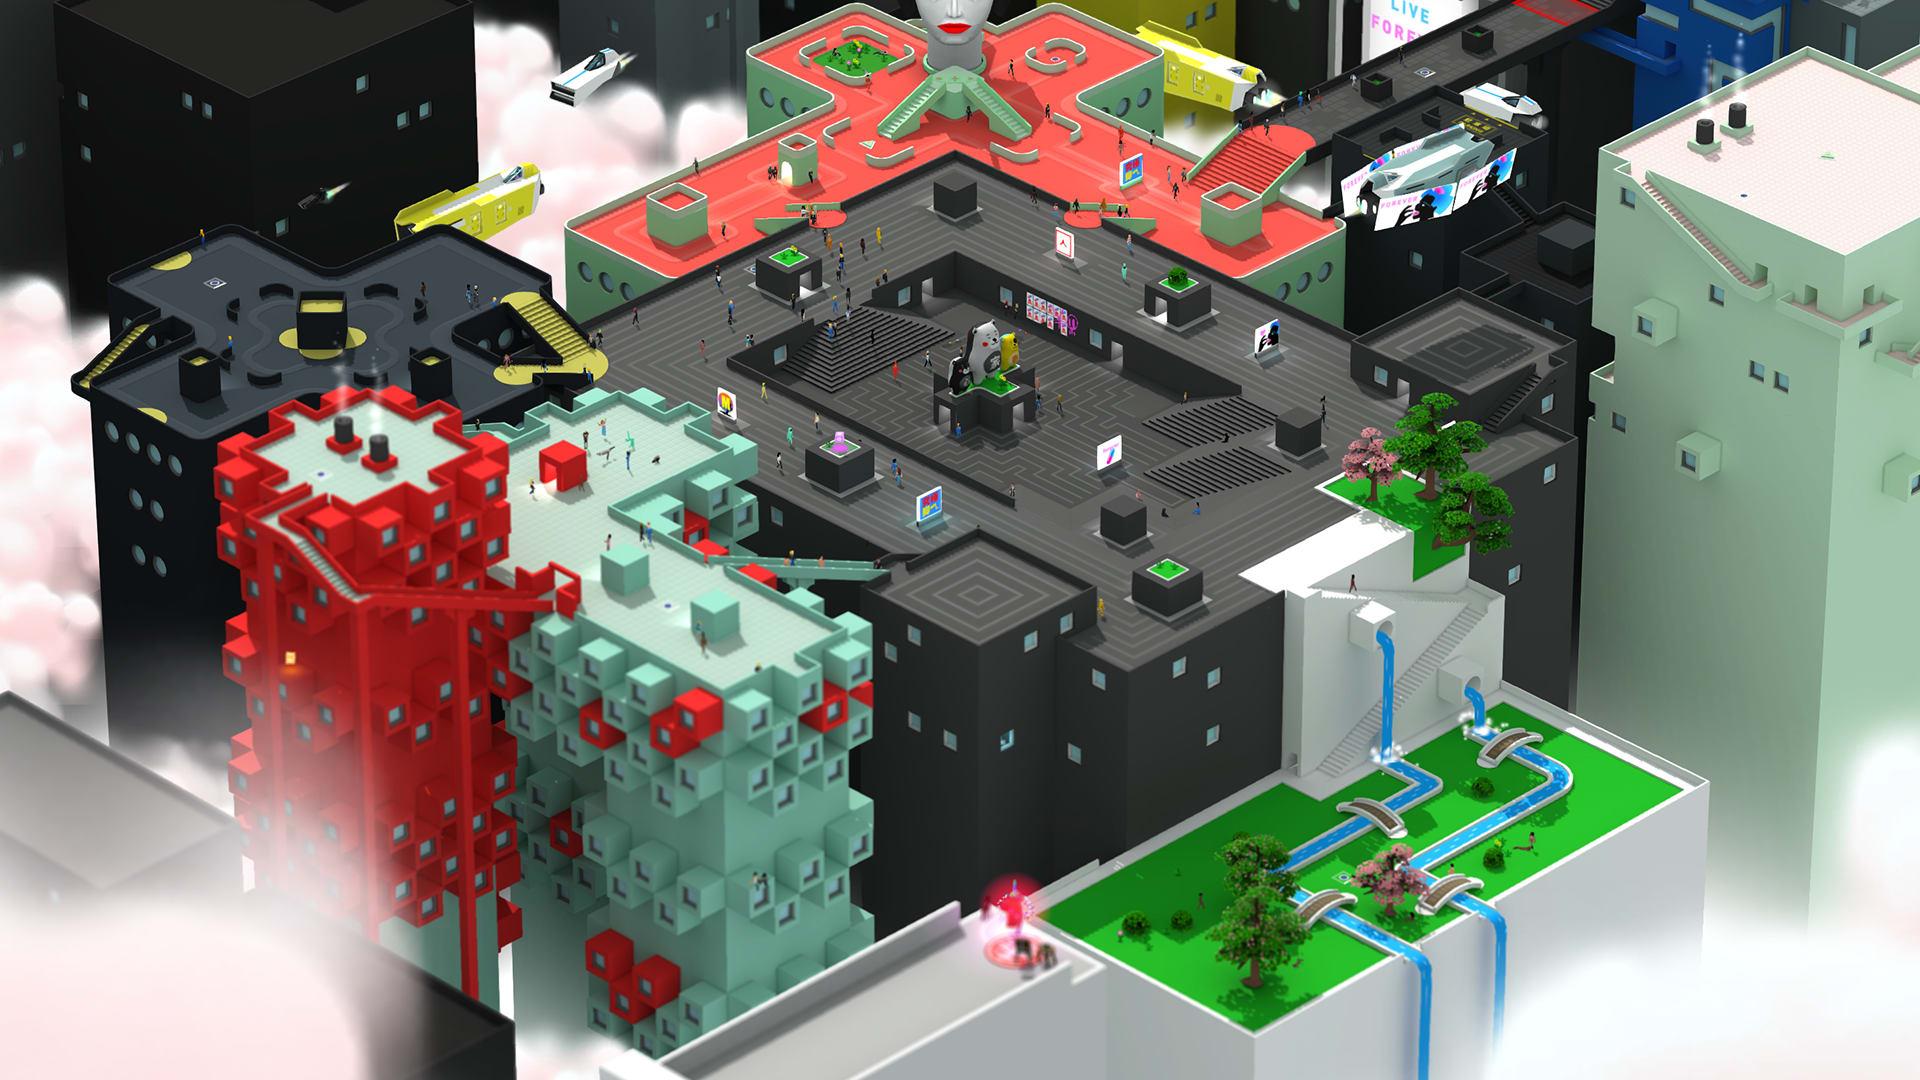 Spana in mer från läcka actionspelet Tokyo 42